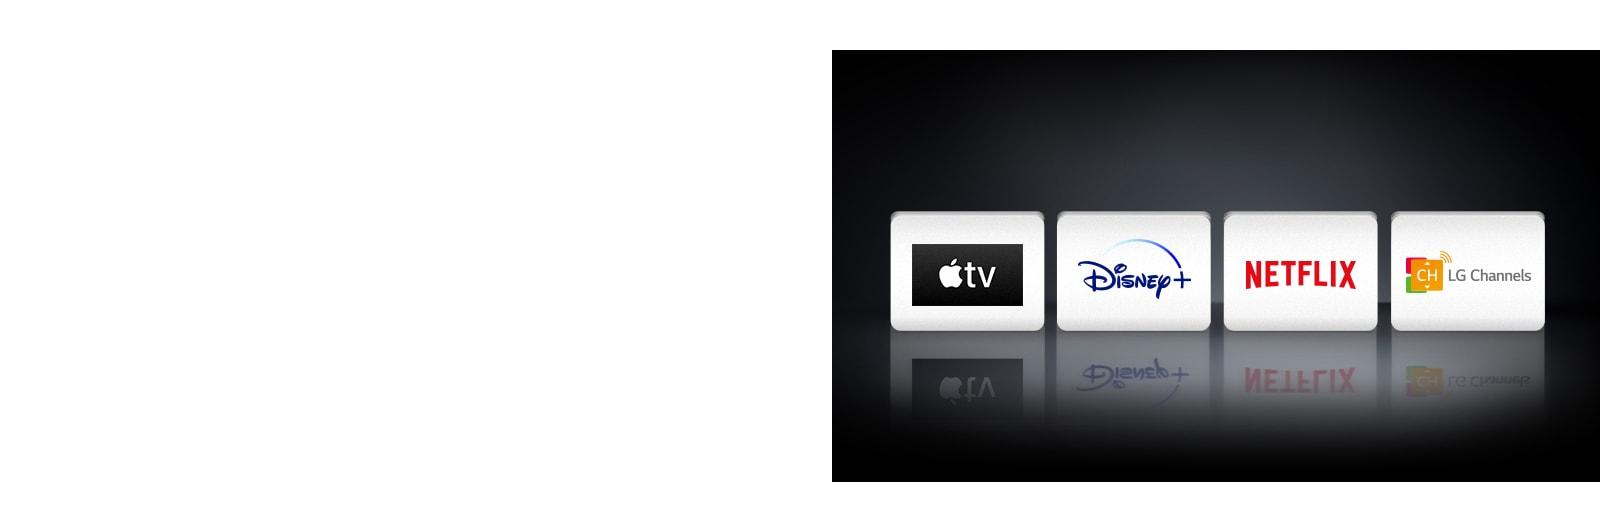 Se muestran cuatro logos de aplicaciones de izquierda a derecha: Apple TV, Disney+, Netflix y LG Channels.